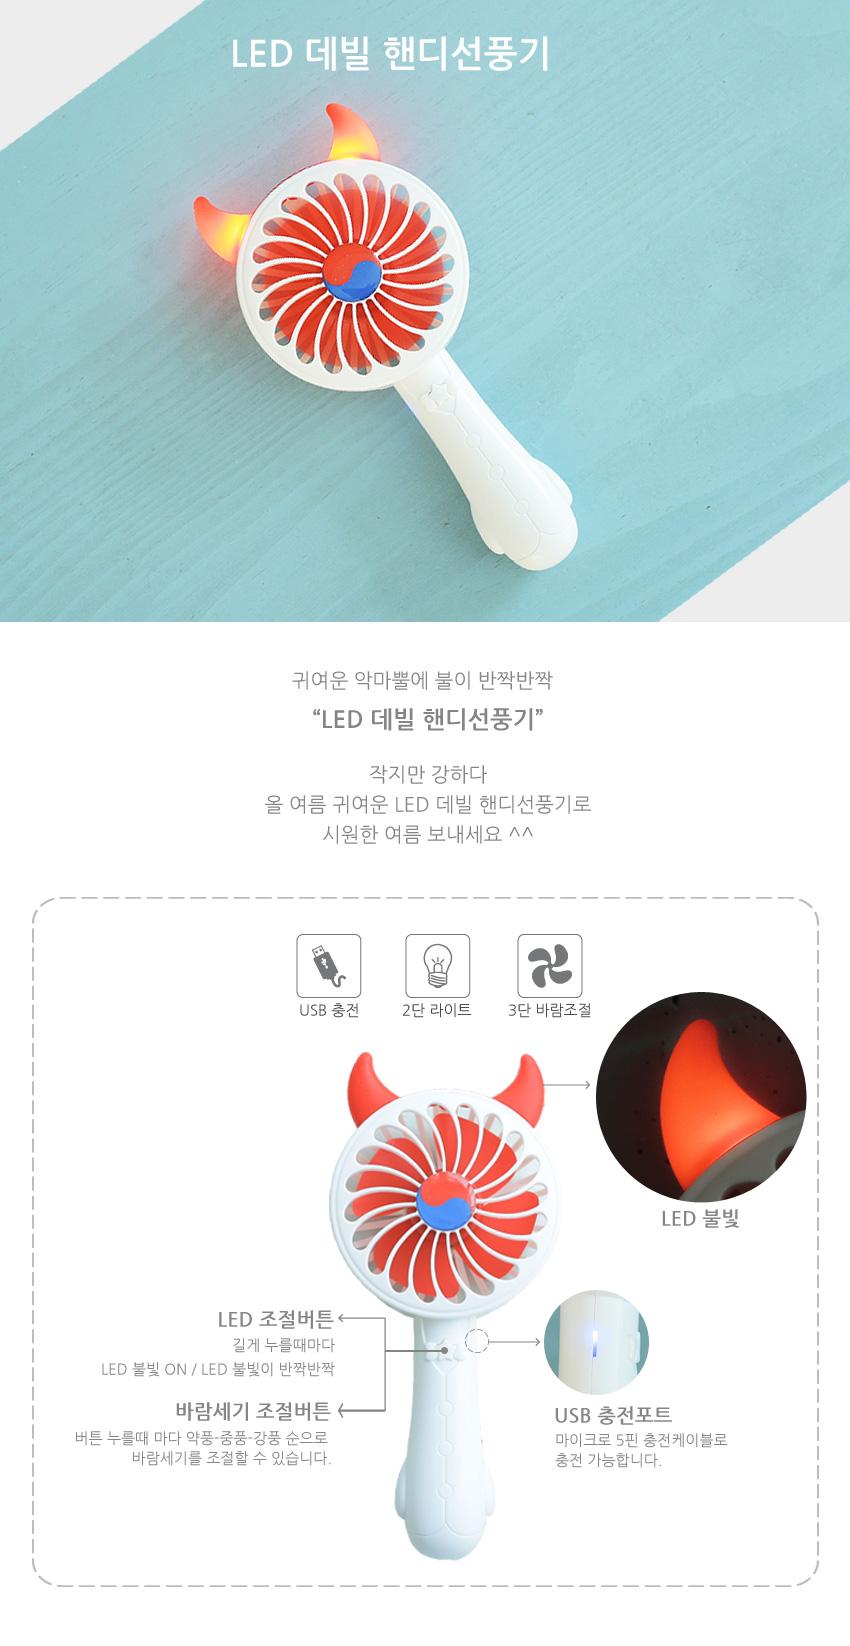 LED 데빌 핸디선풍기(화이트) 미니선풍기 저소음 - 알사탕닷컴, 10,500원, USB 계절가전, 선풍기